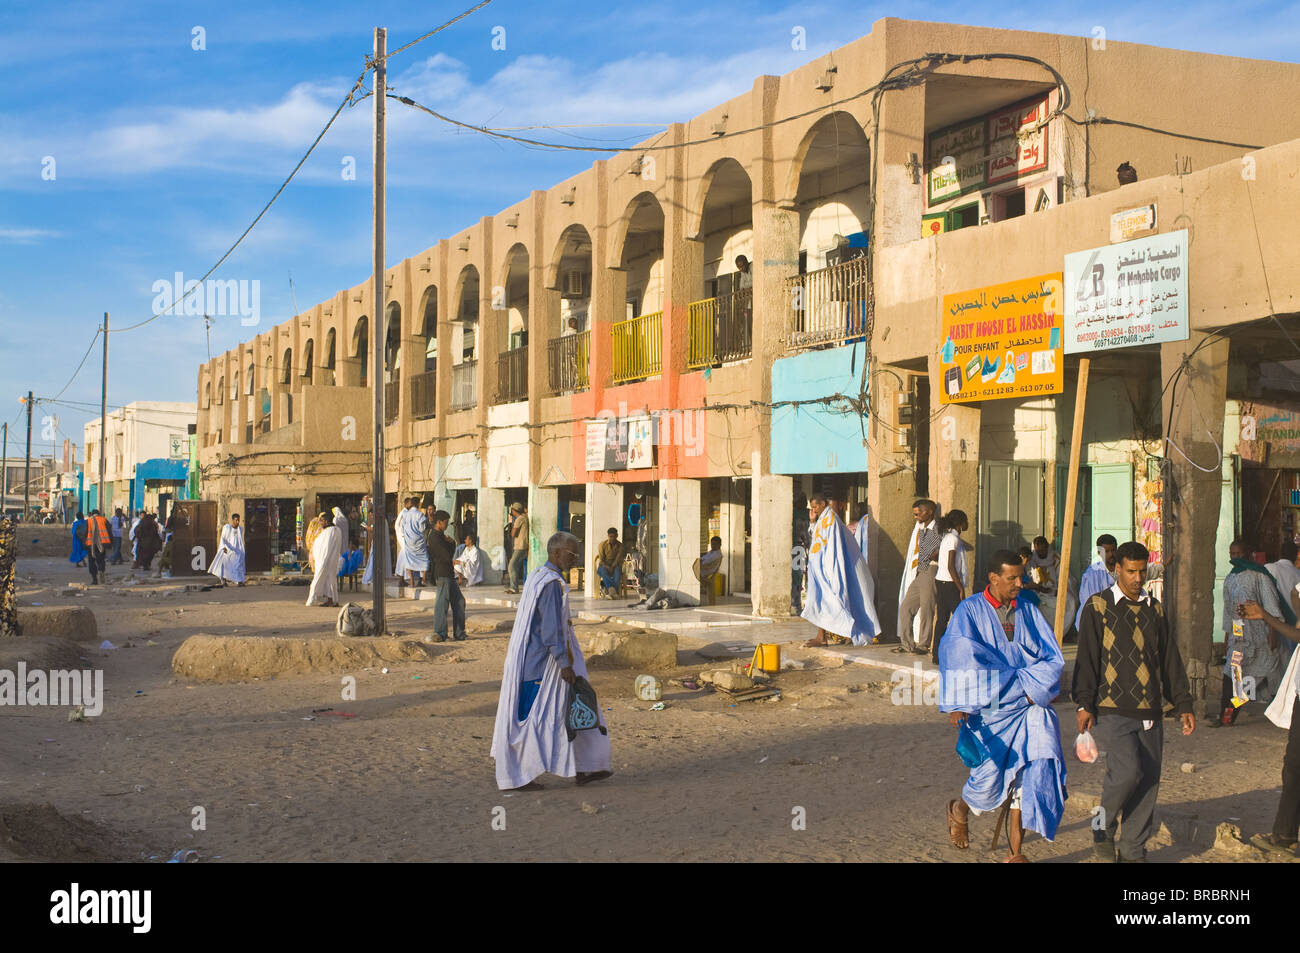 Central bazaar of Nouakchott, Mauritania - Stock Image